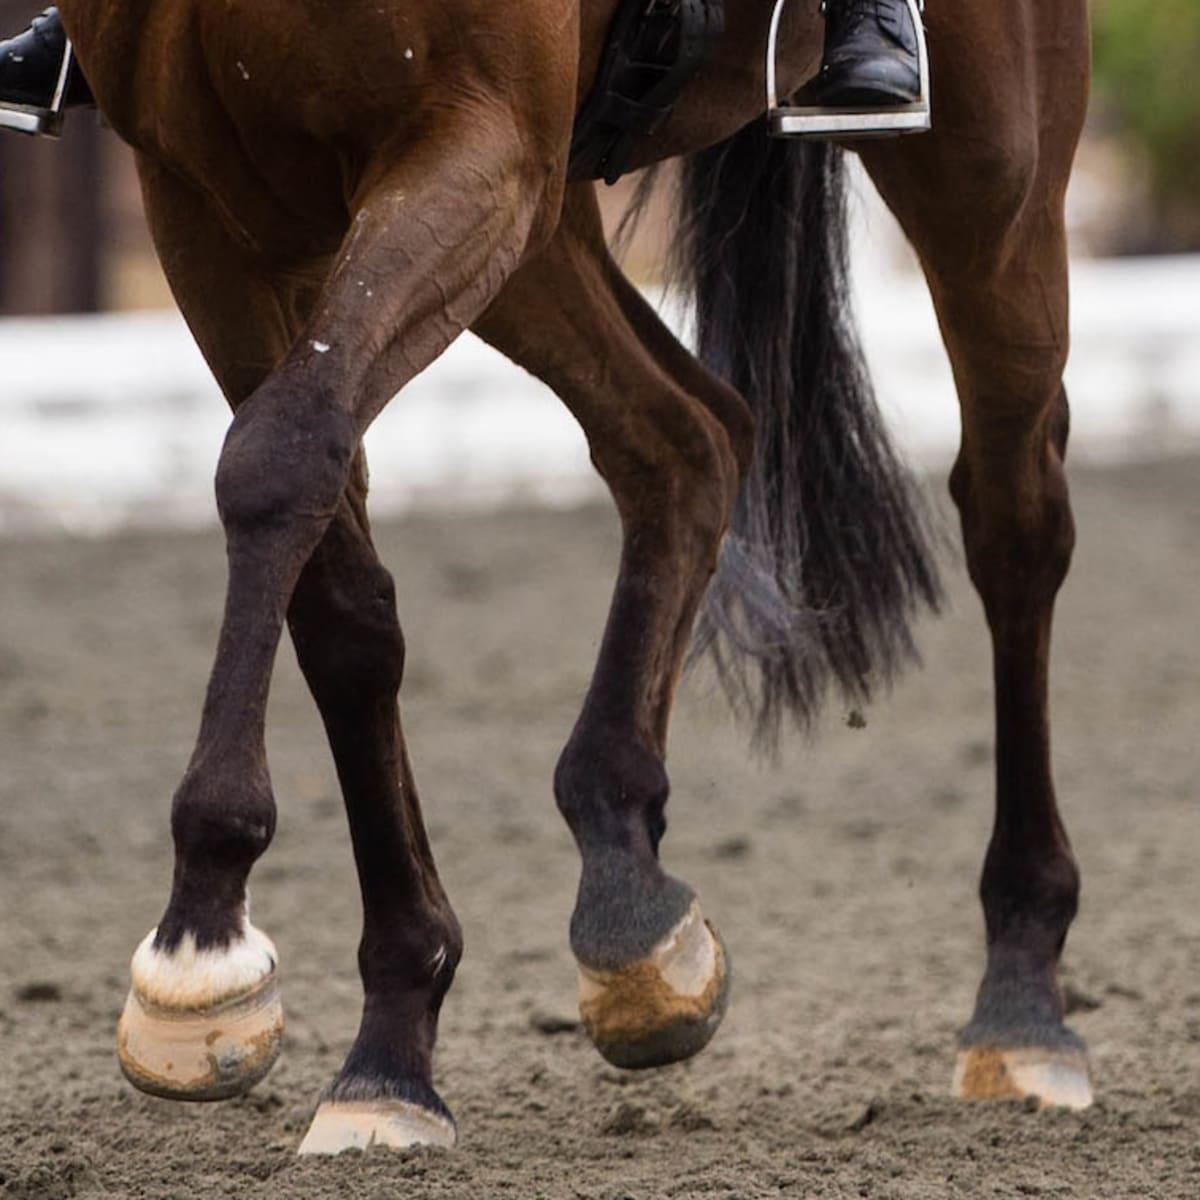 Unos vendajes oscuros en un caballo marrón, muy útiles para cuidar a los caballos en invierno.